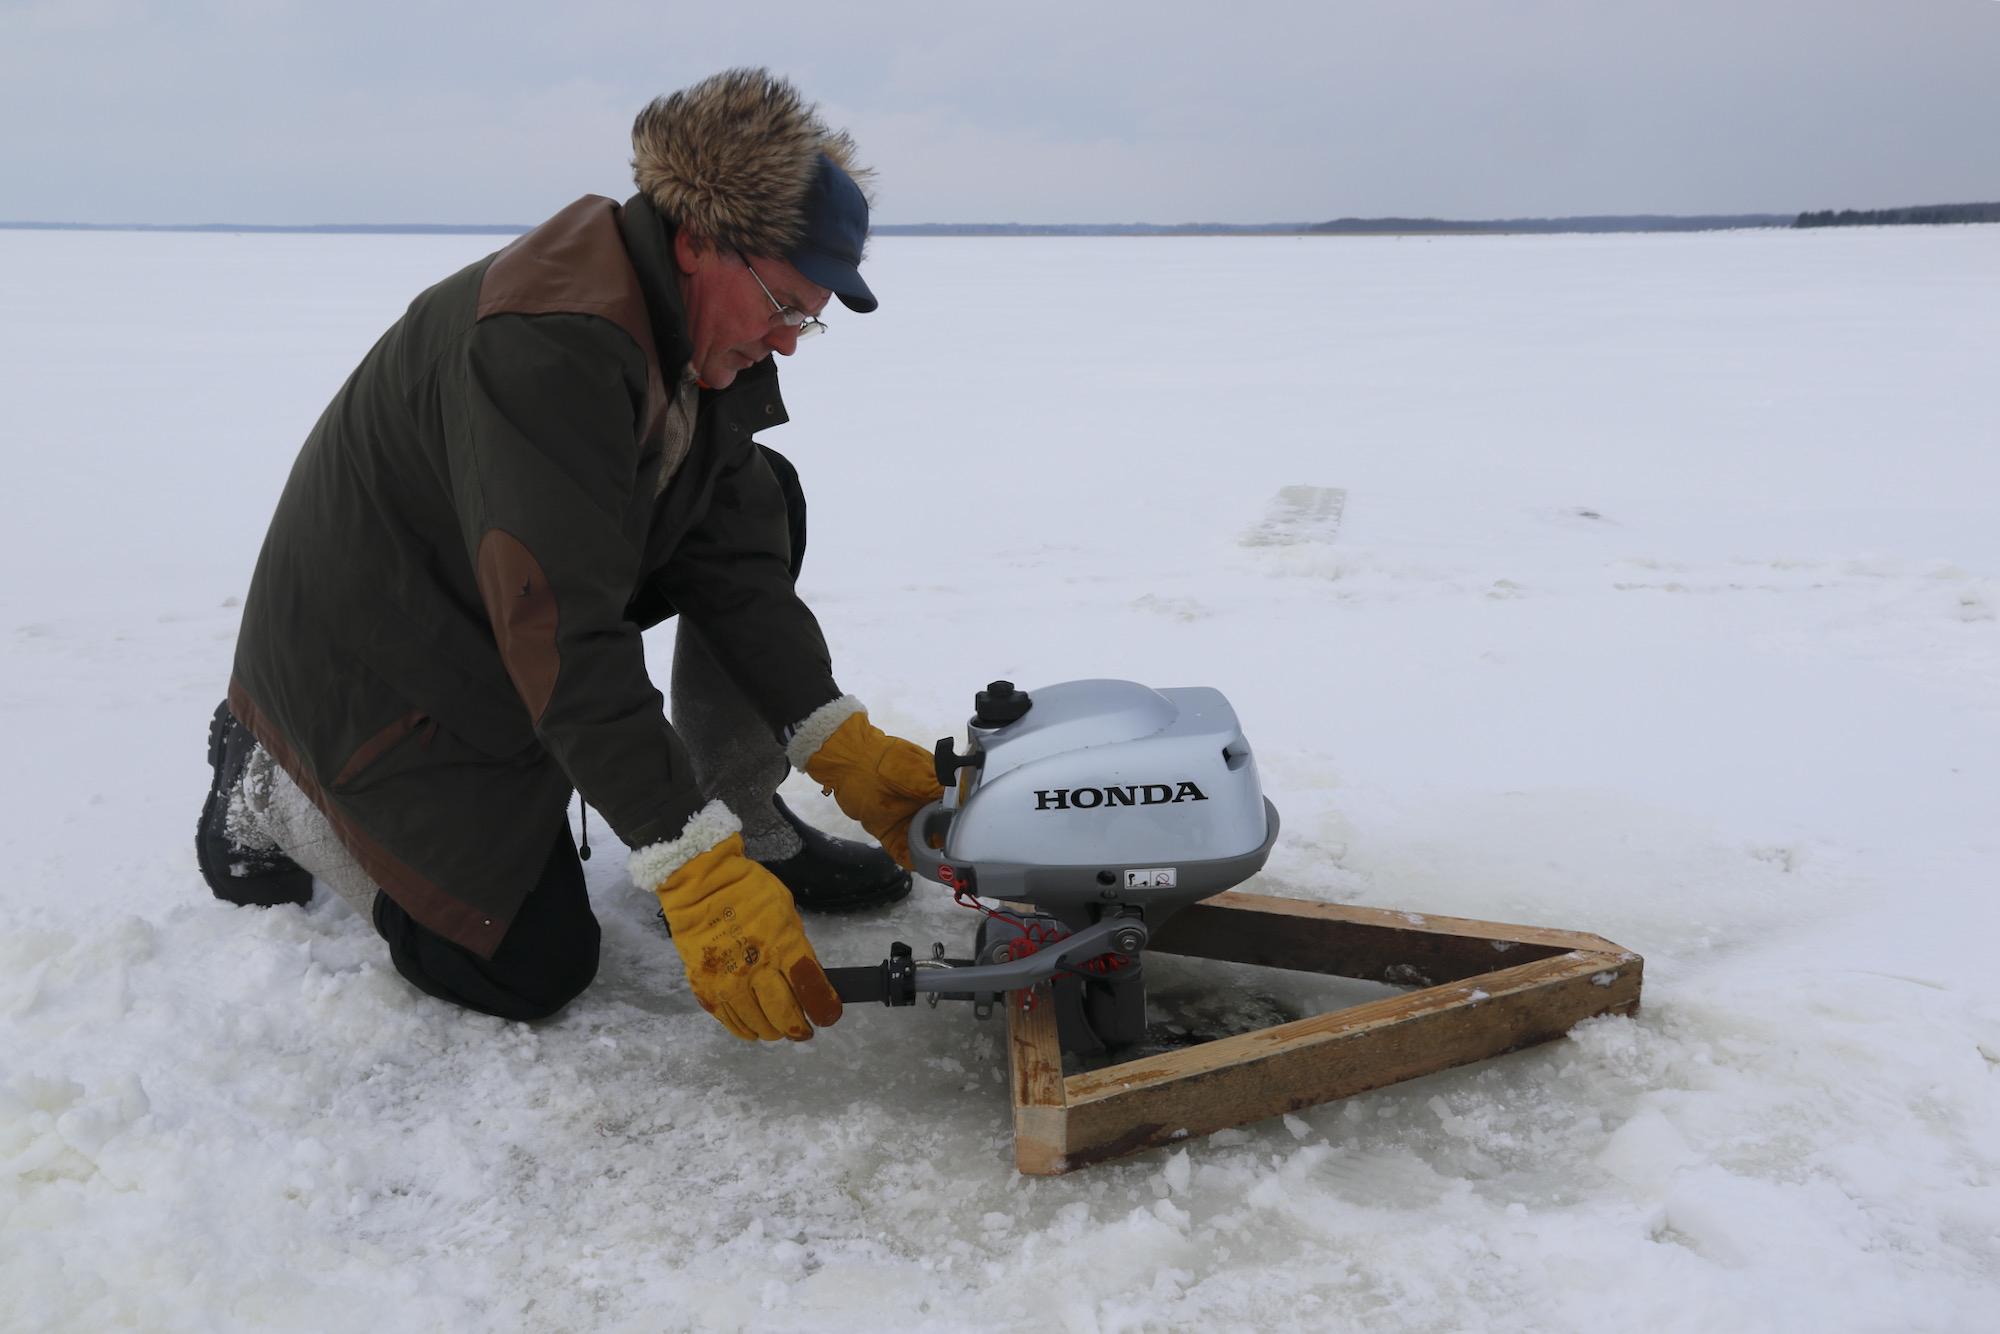 Tuulingu talu peremees Ants Ale ehitas jääkarusselli. Urmas Lauri